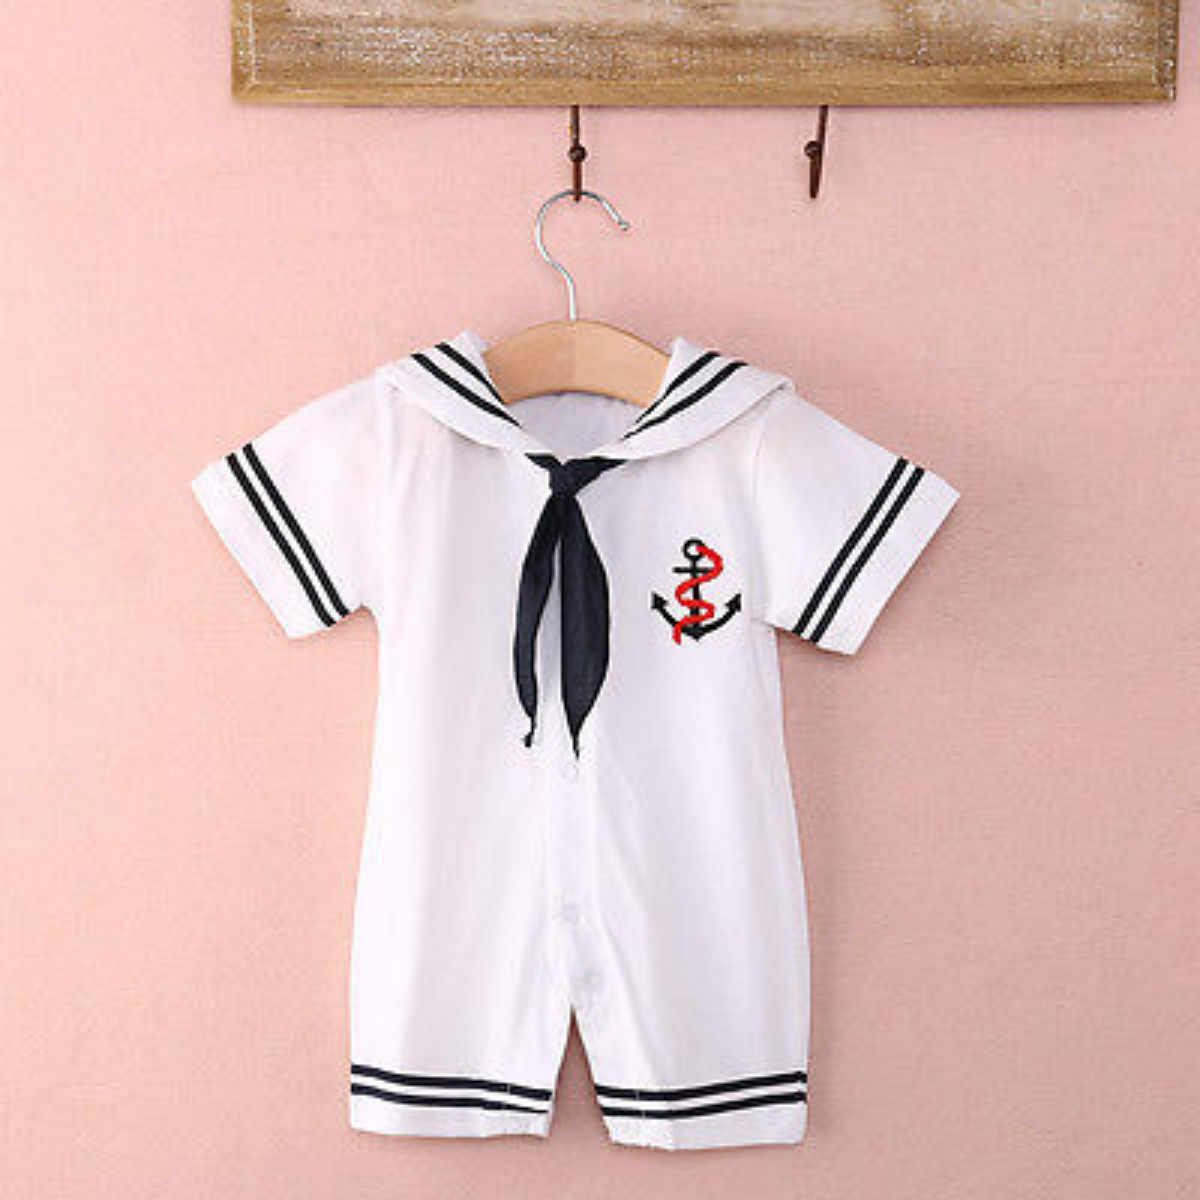 Tulum 2018 Yeni Marka Sıcak Satış Sonbahar Erkek Bebek Denizci Yaka Kısa Kollu Pamuk Kıyafetler Romper Yenidoğan Bebek Giysileri